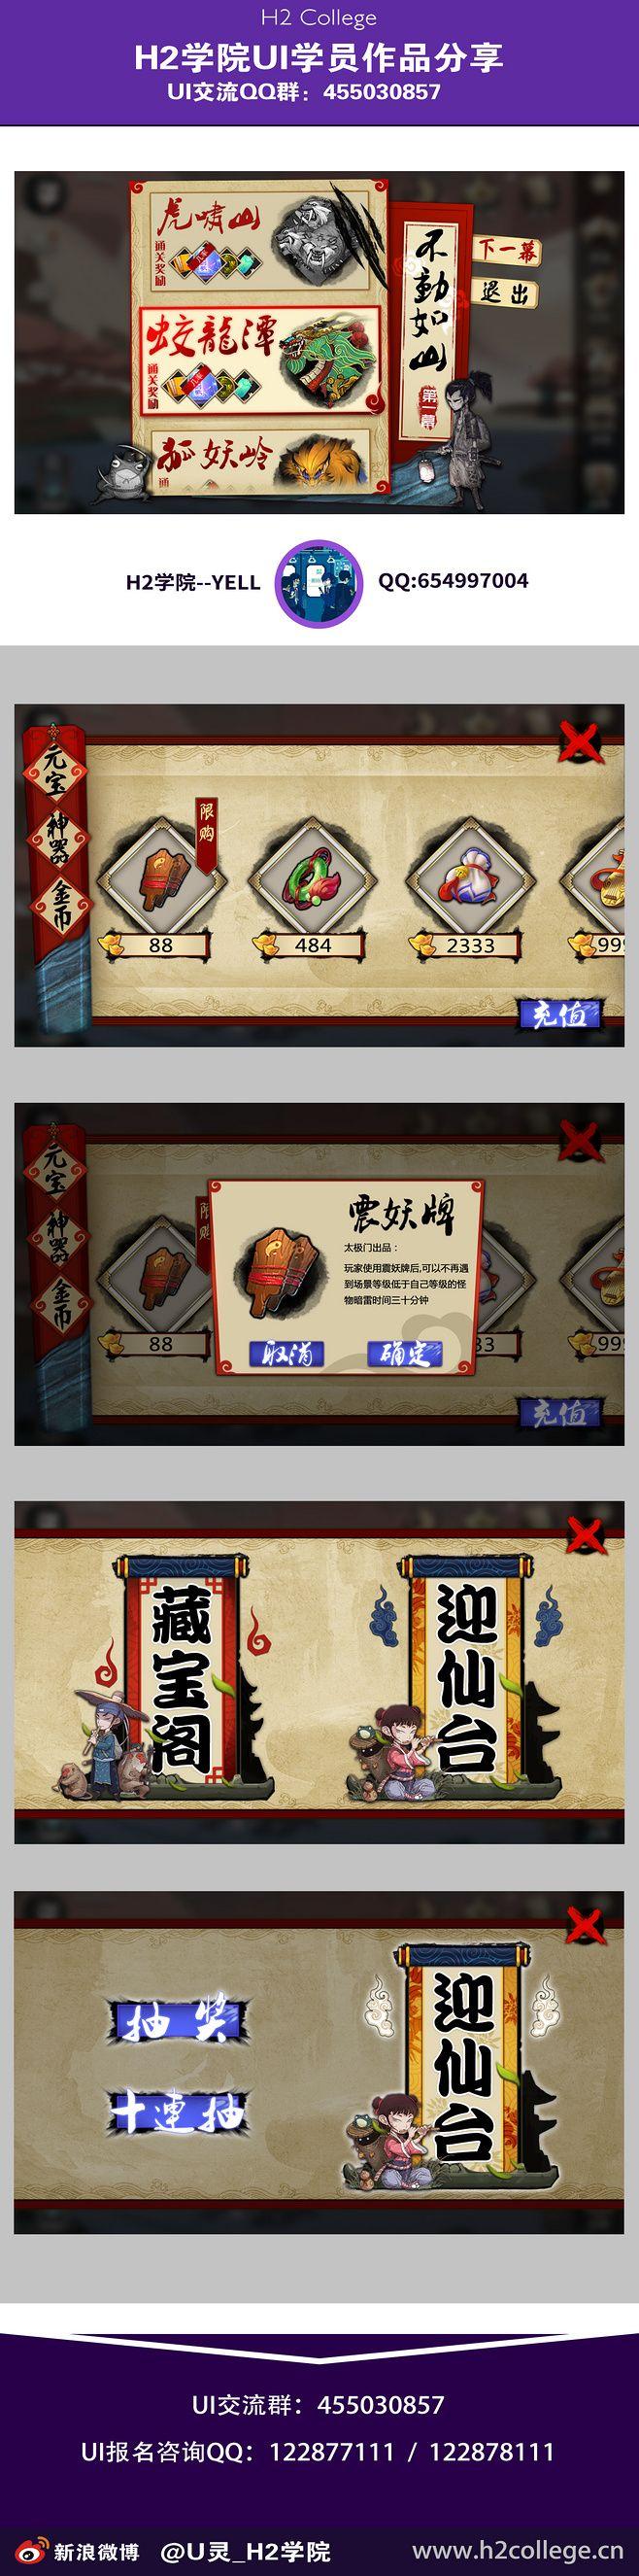 偉仔采集到游戏界面-古风日式中式(154图)_花瓣